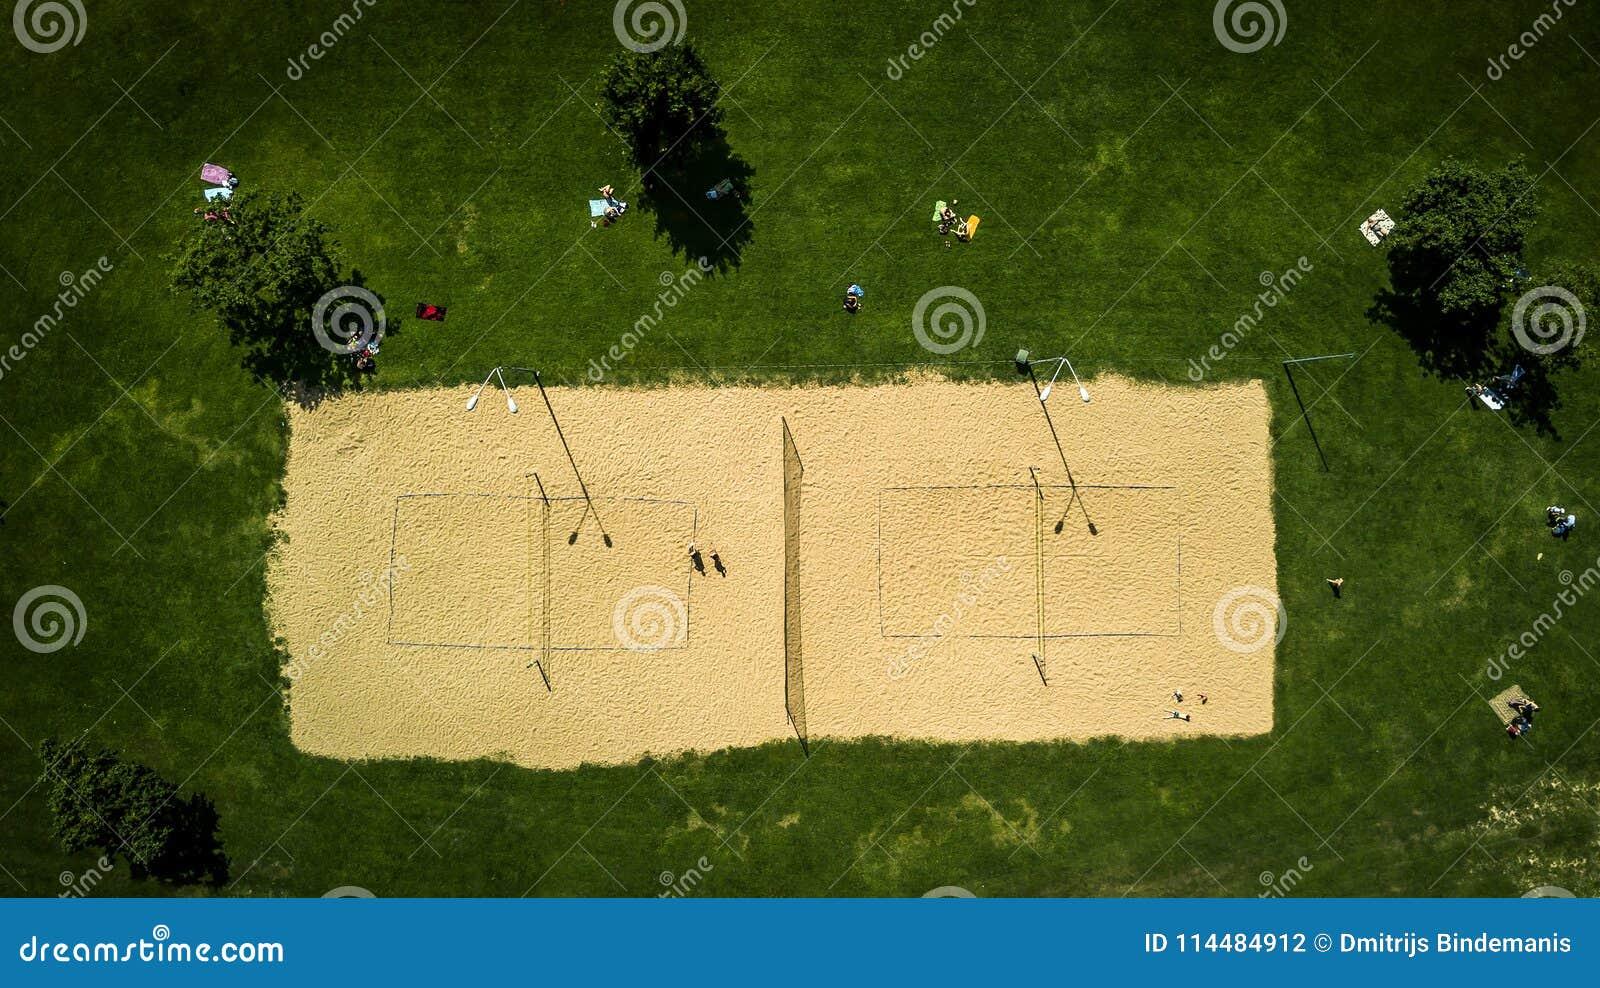 Картинка волейбольного поля сверху